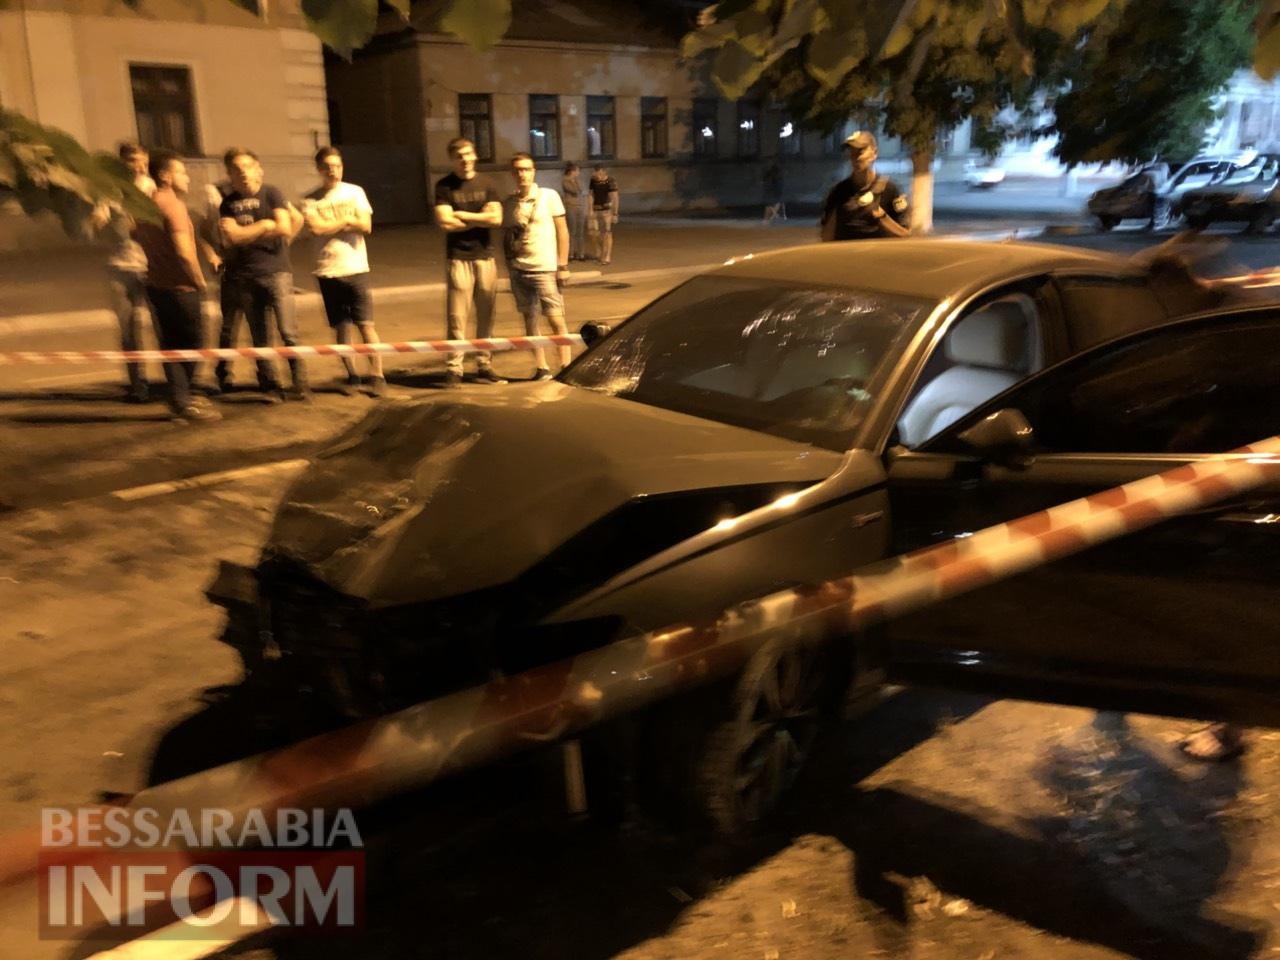 """Ночное ДТП в Измаиле: на проспекте Суворова Audi на огромной скорости протаранила """"копейку"""". Есть пострадавшие"""